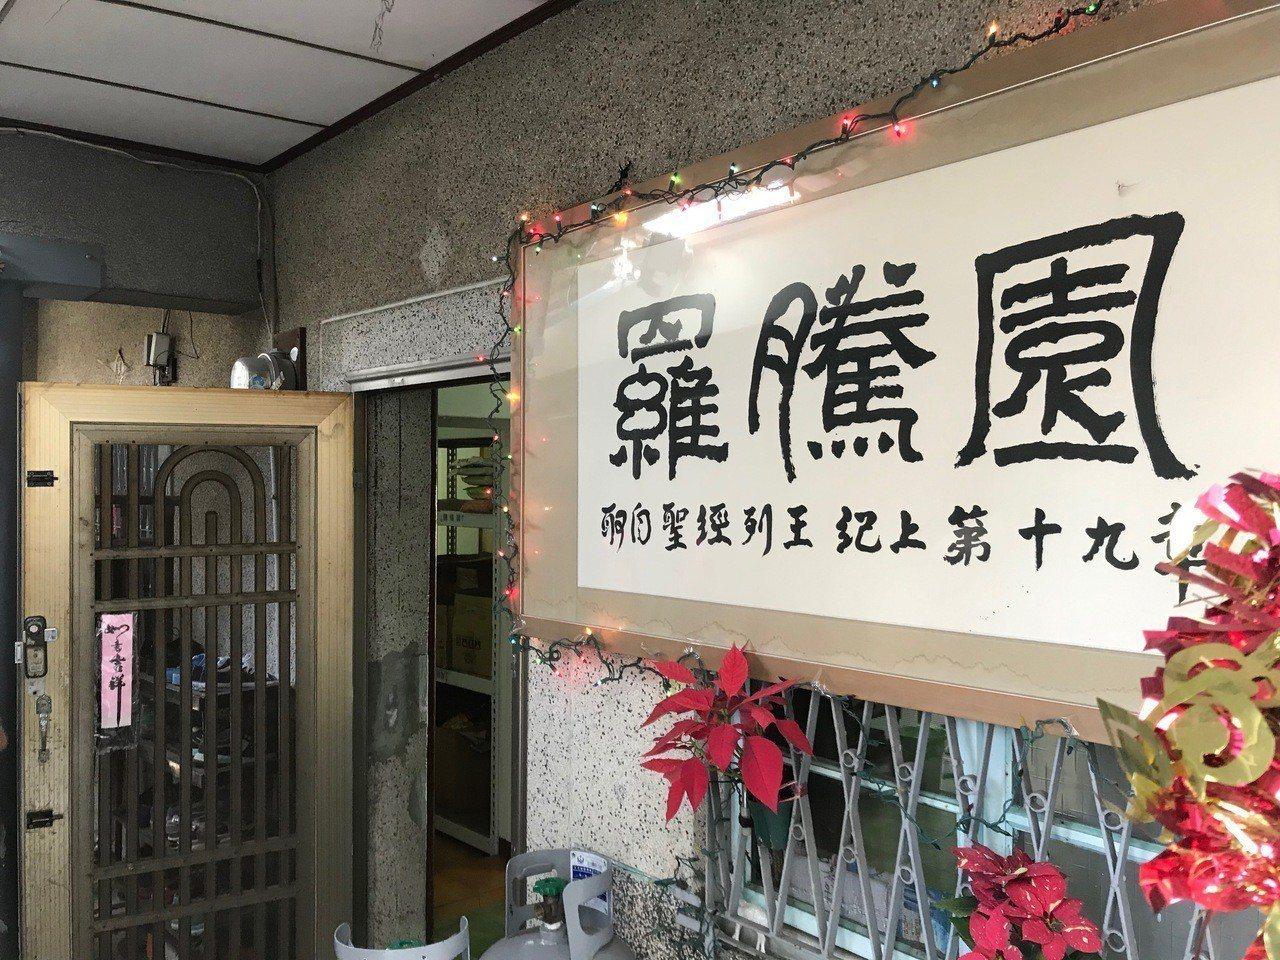 羅騰園肢體殘障服務協會。記者蔣繼平/攝影